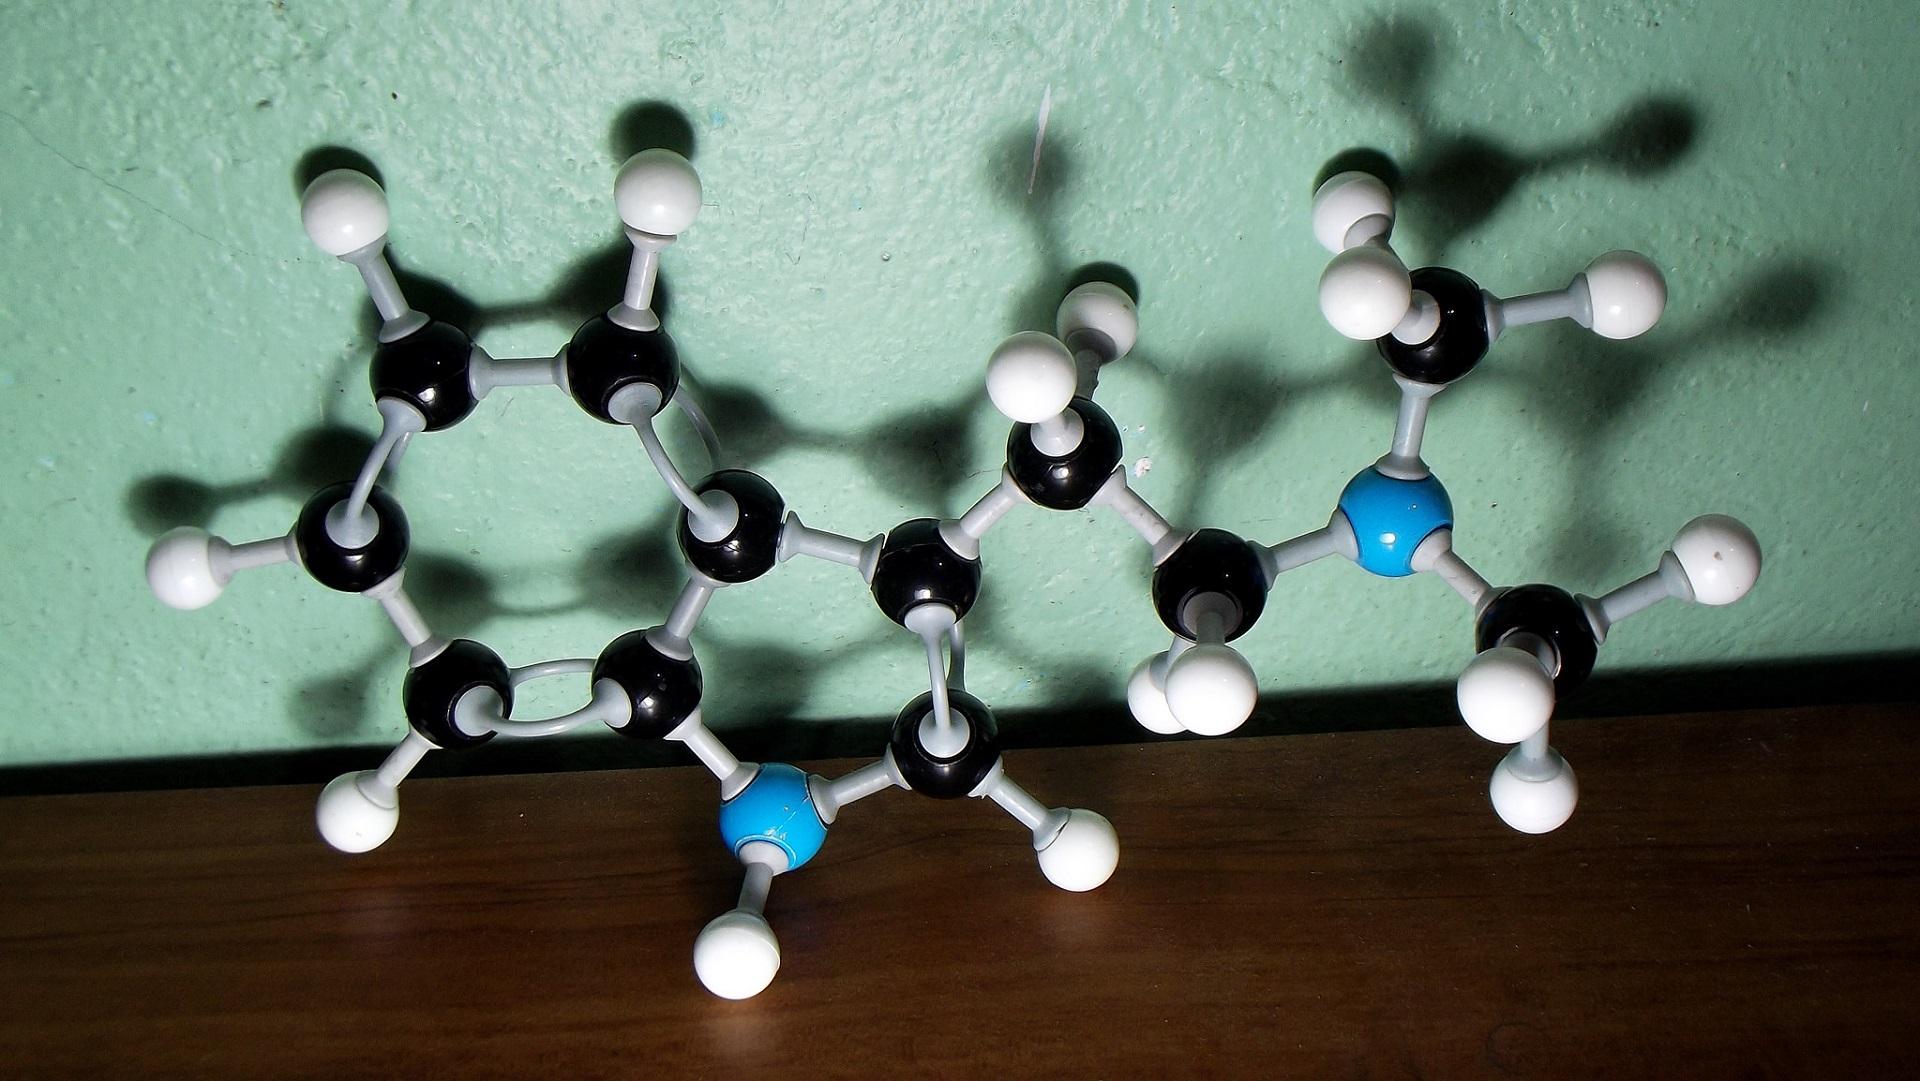 Excitonium: descubren una nueva forma de materia